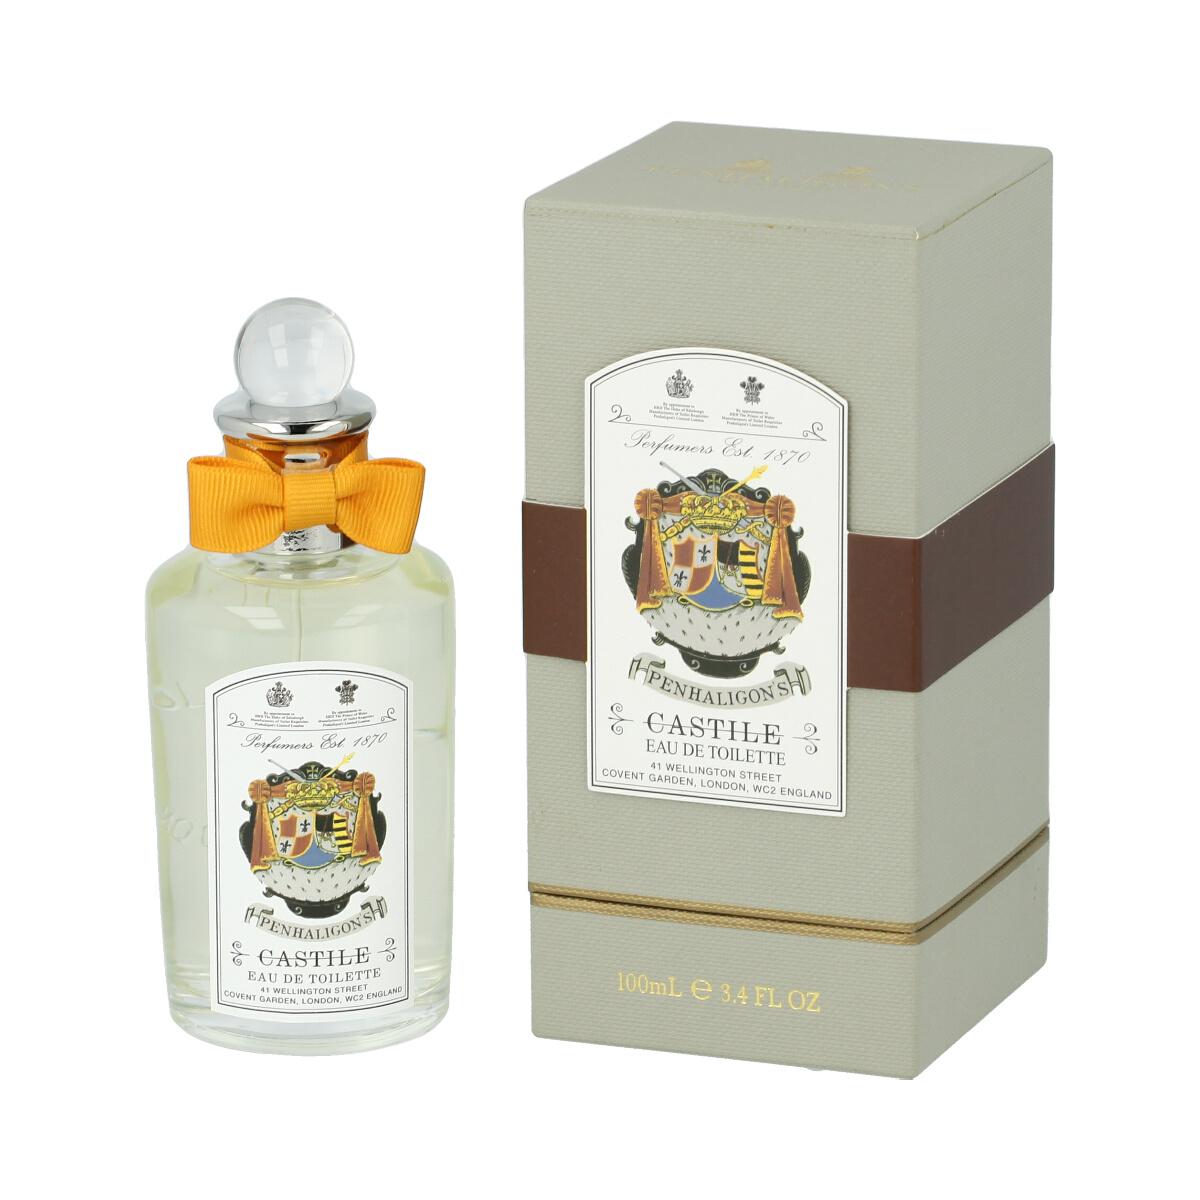 Penhaligon's Castile Eau De Toilette 100 ml (unisex) 17462